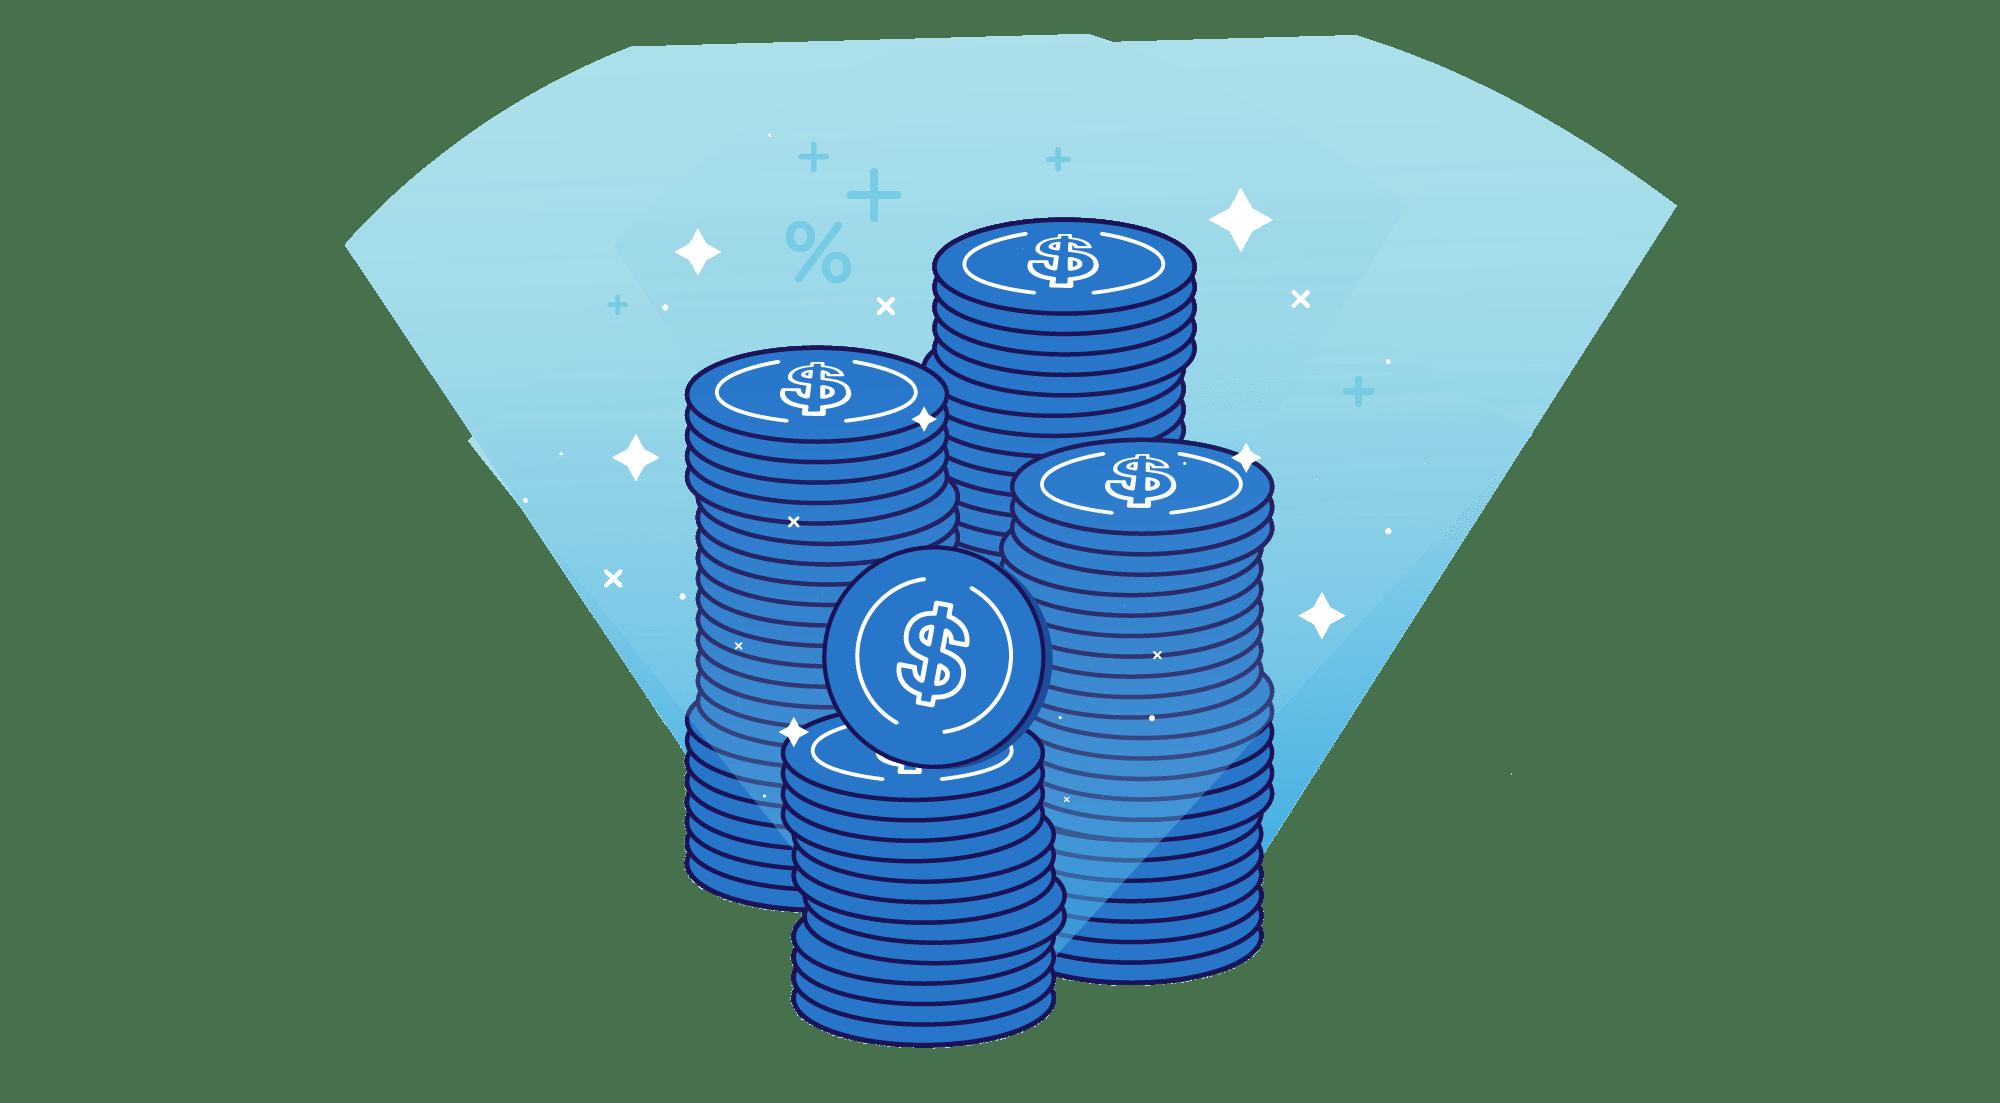 O que é USDC? A criptomoeda criada pelo Coinbase e Circle